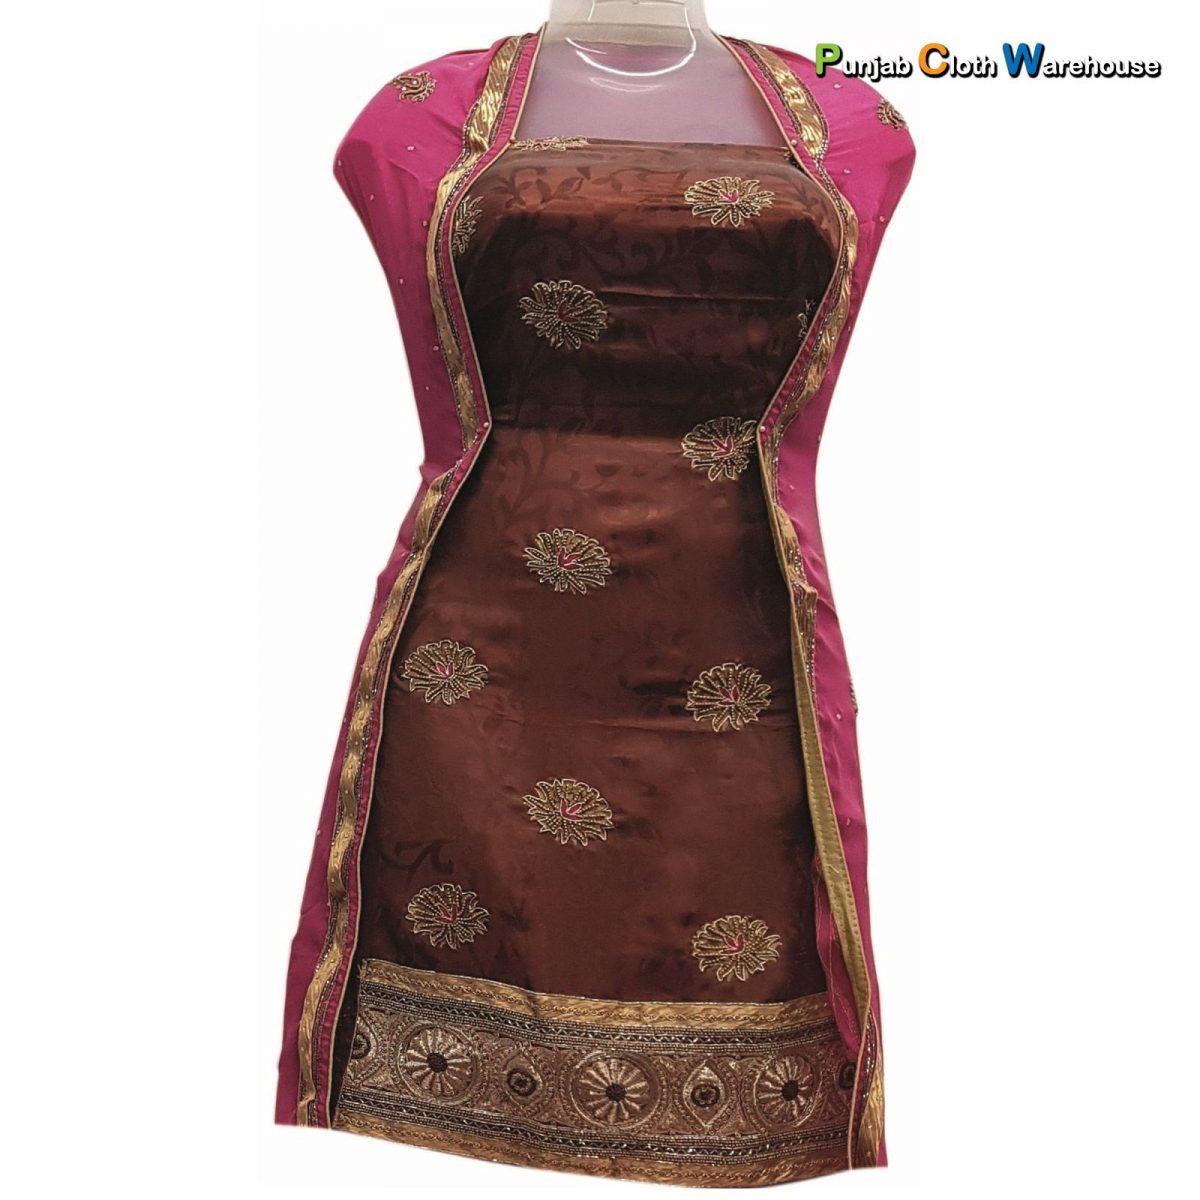 Ladies Suits - Cut Piece - Punjab Cloth Warehouse, Surrey (17)